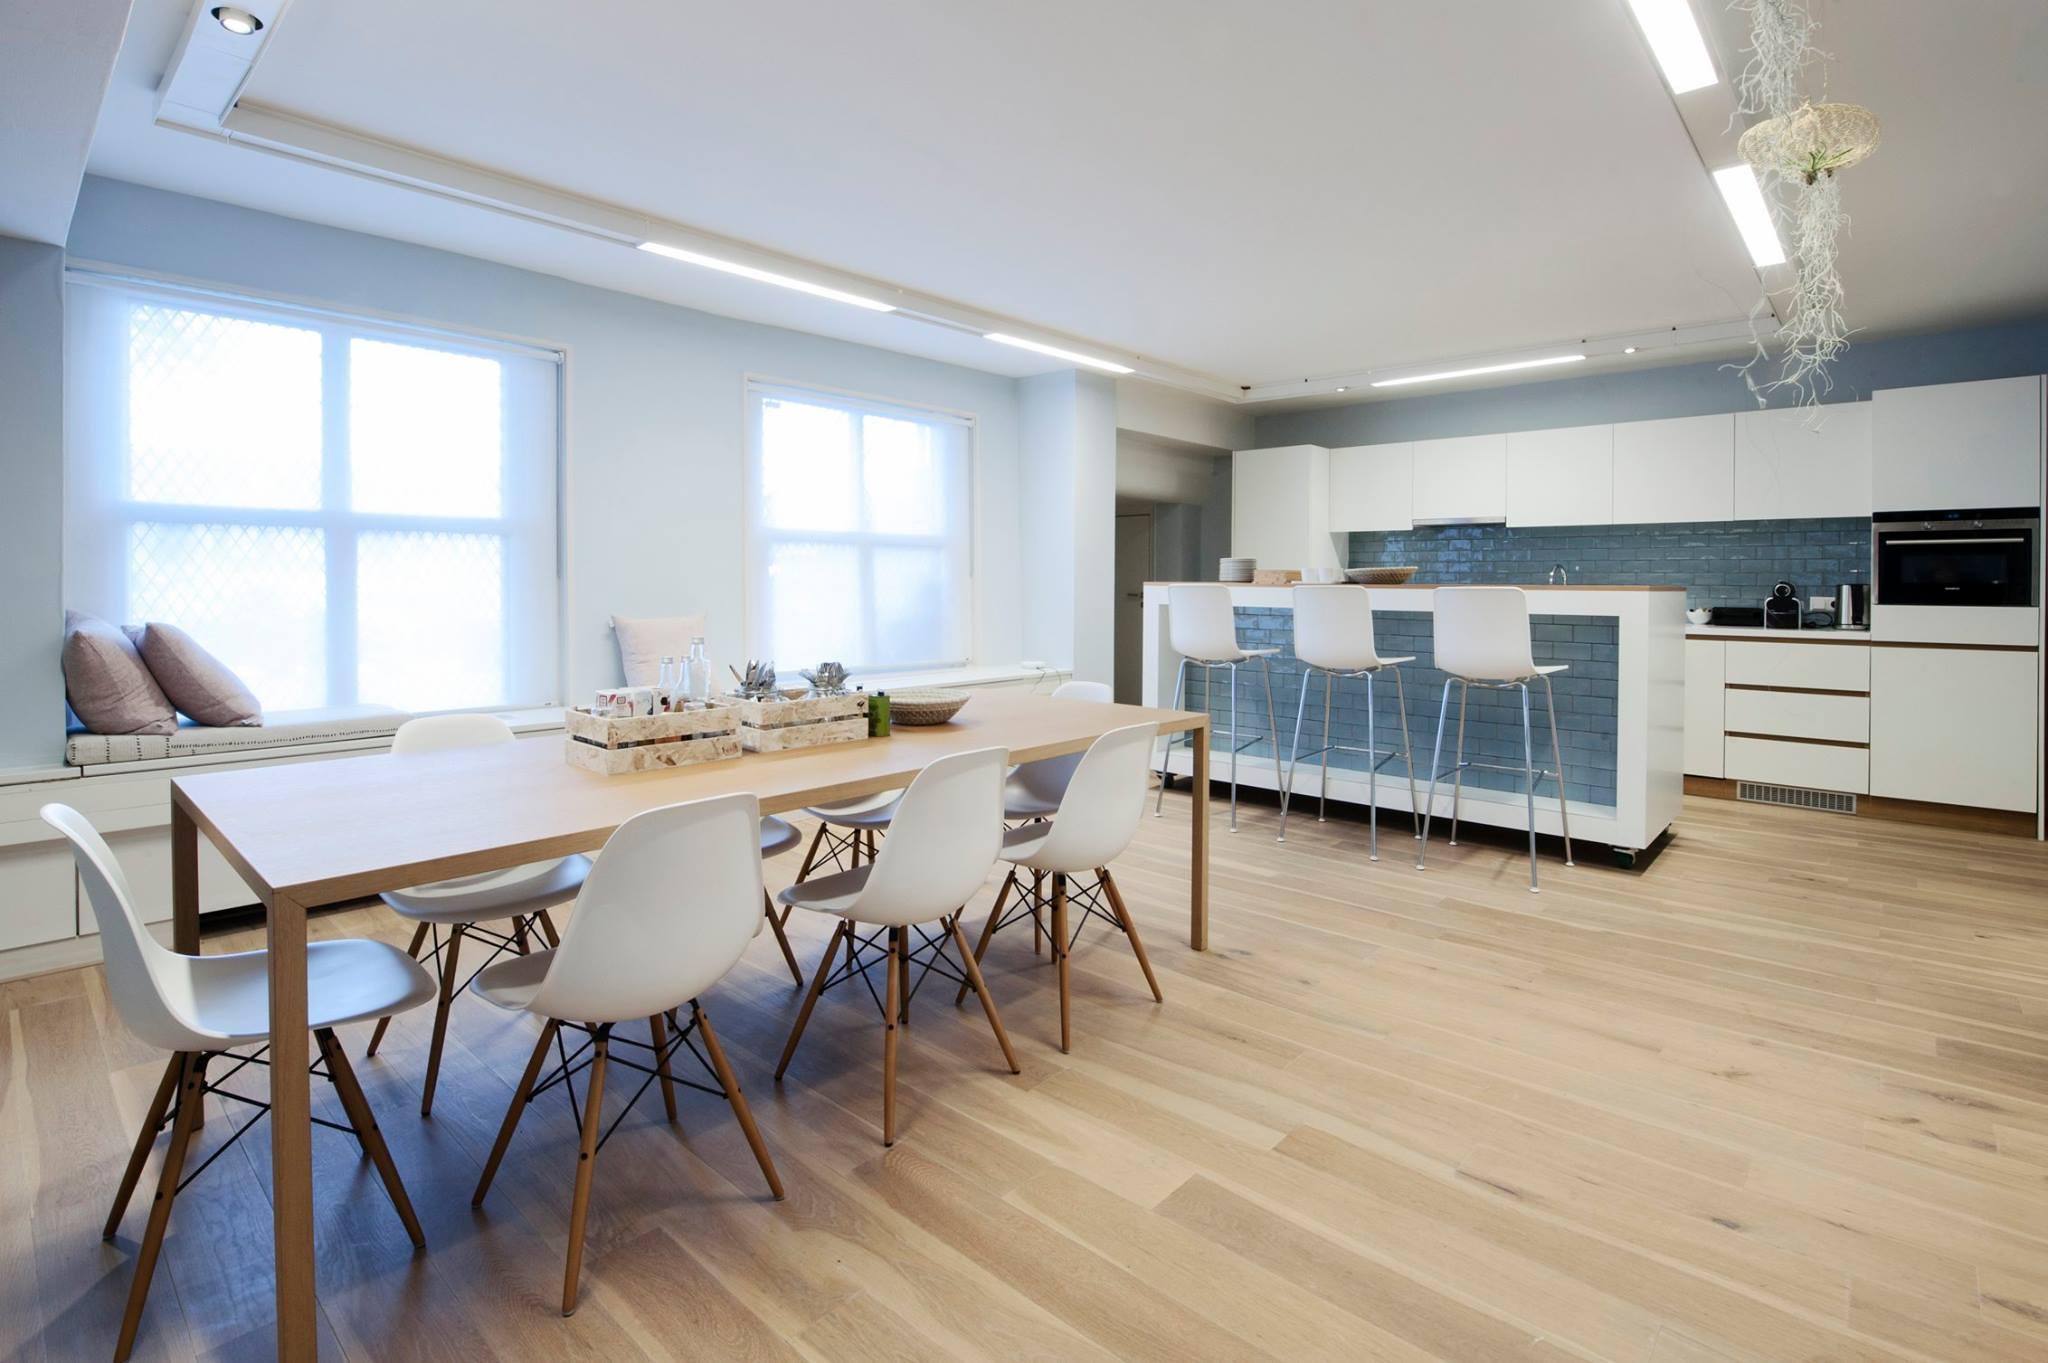 Designtegels spaanse tegel azulejos aqua product in beeld startpagina voor vloerbedekking - Beeld tegel imitatie parket ...